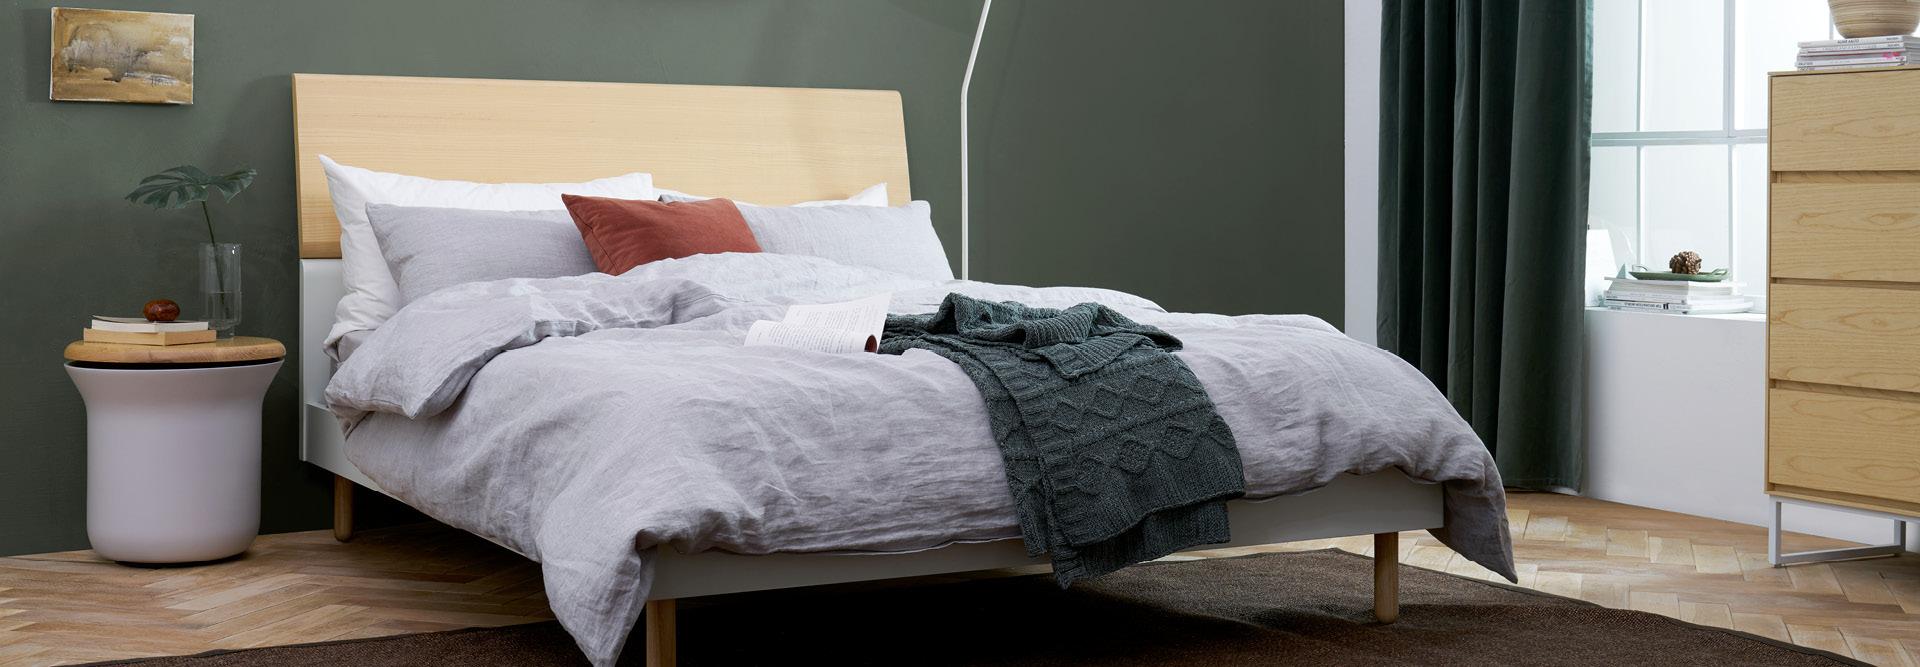 半躺持久不累,周末赖床的舒适之选